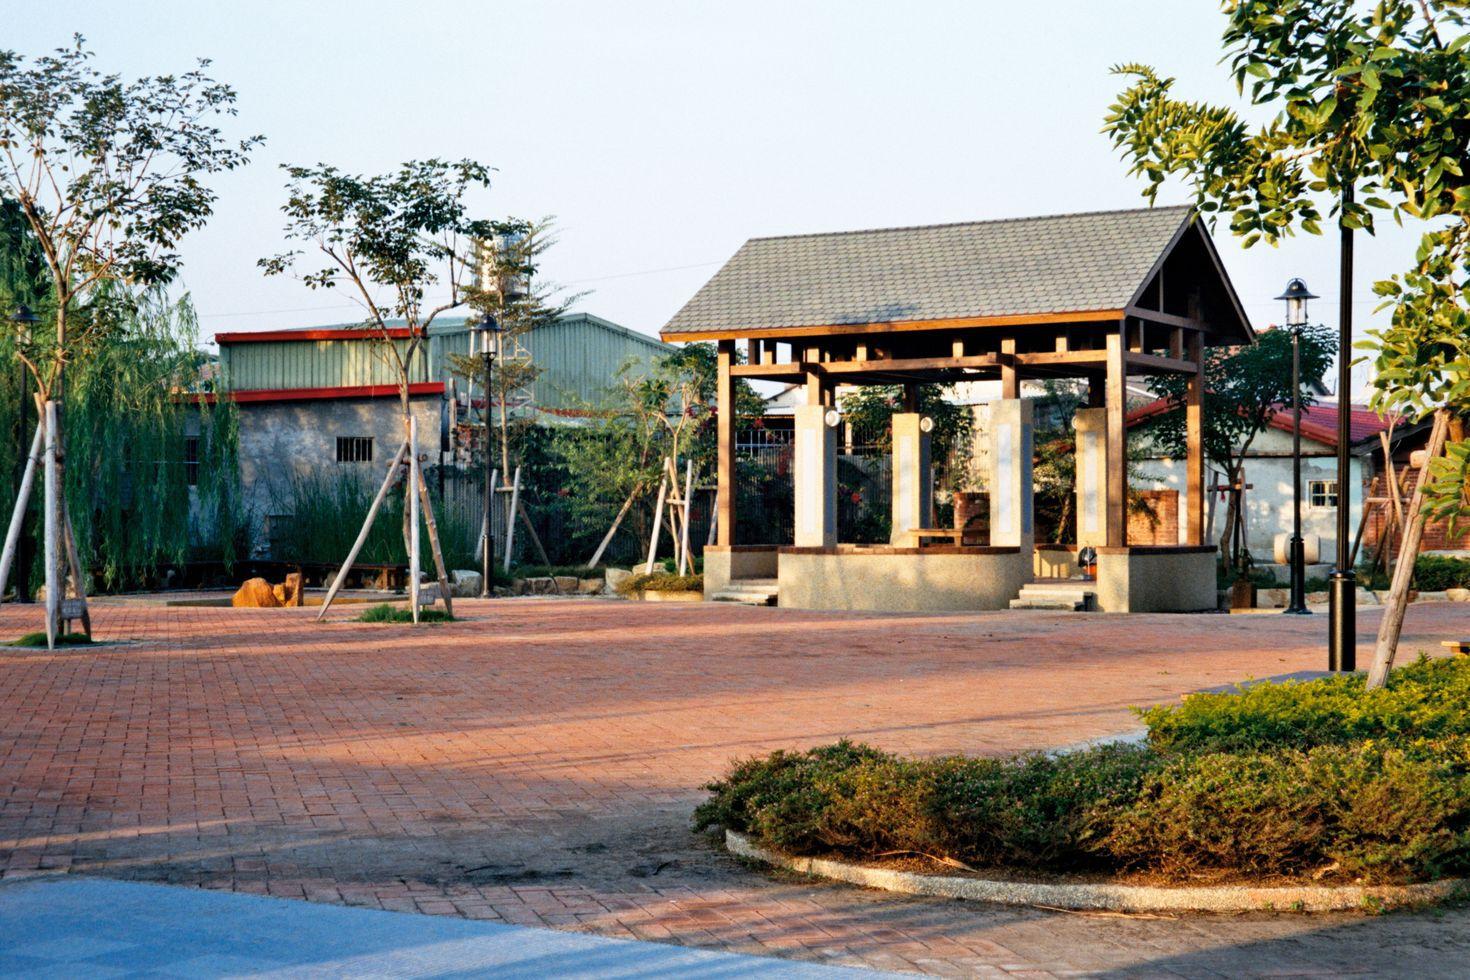 帶我去遠方-菁寮國小(台南縣後壁鄉).jpg